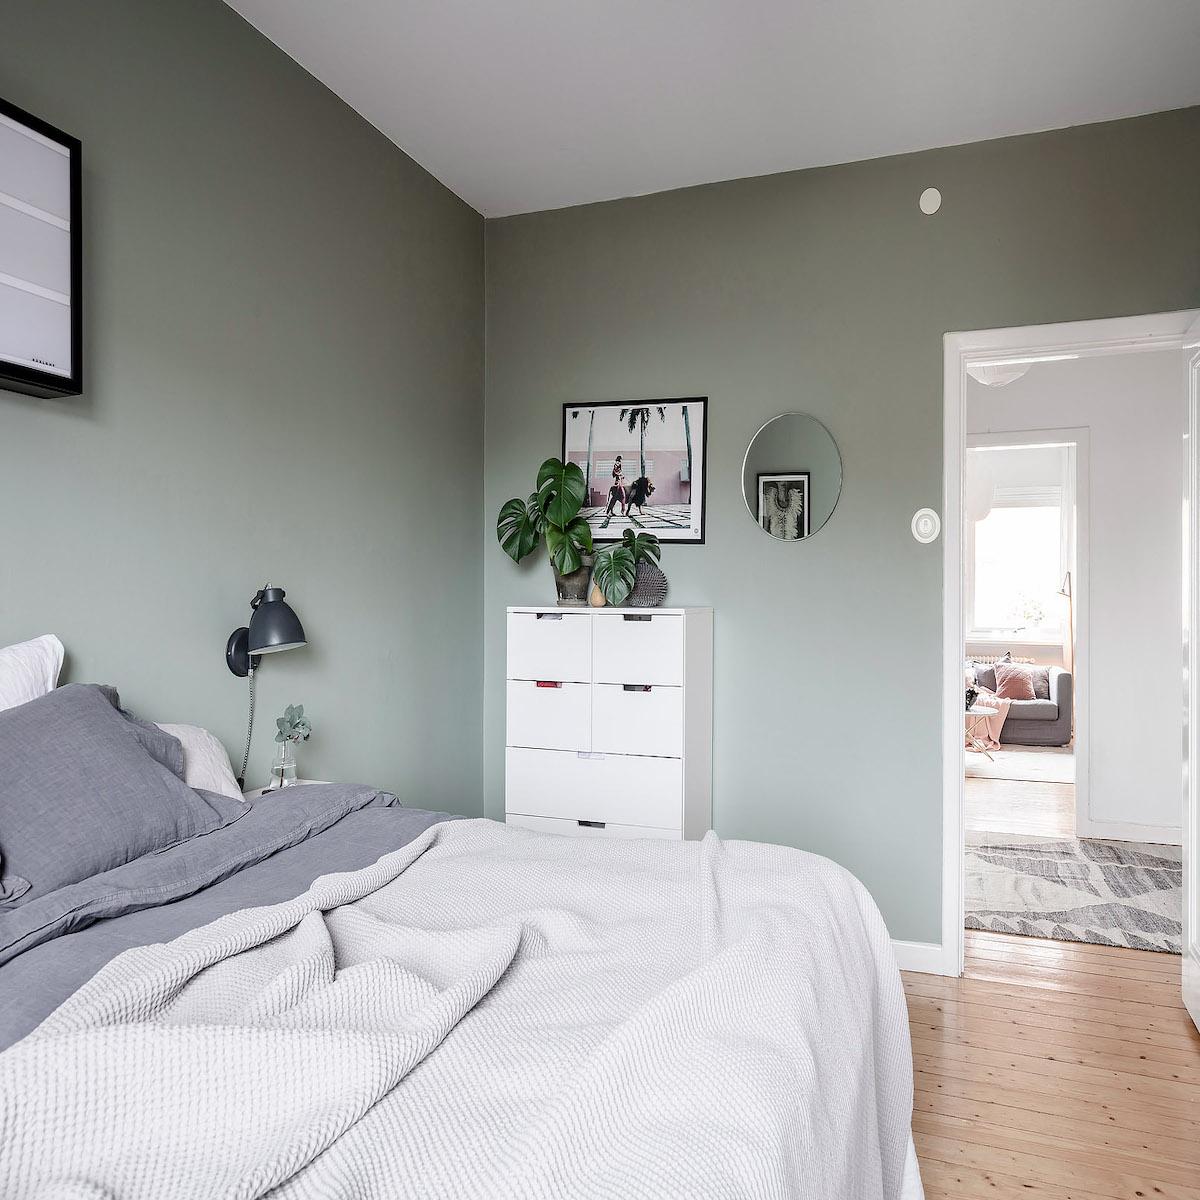 papier peint chambre vert gris parquet bois linge blanc tapis - blog déco - clem around the corner